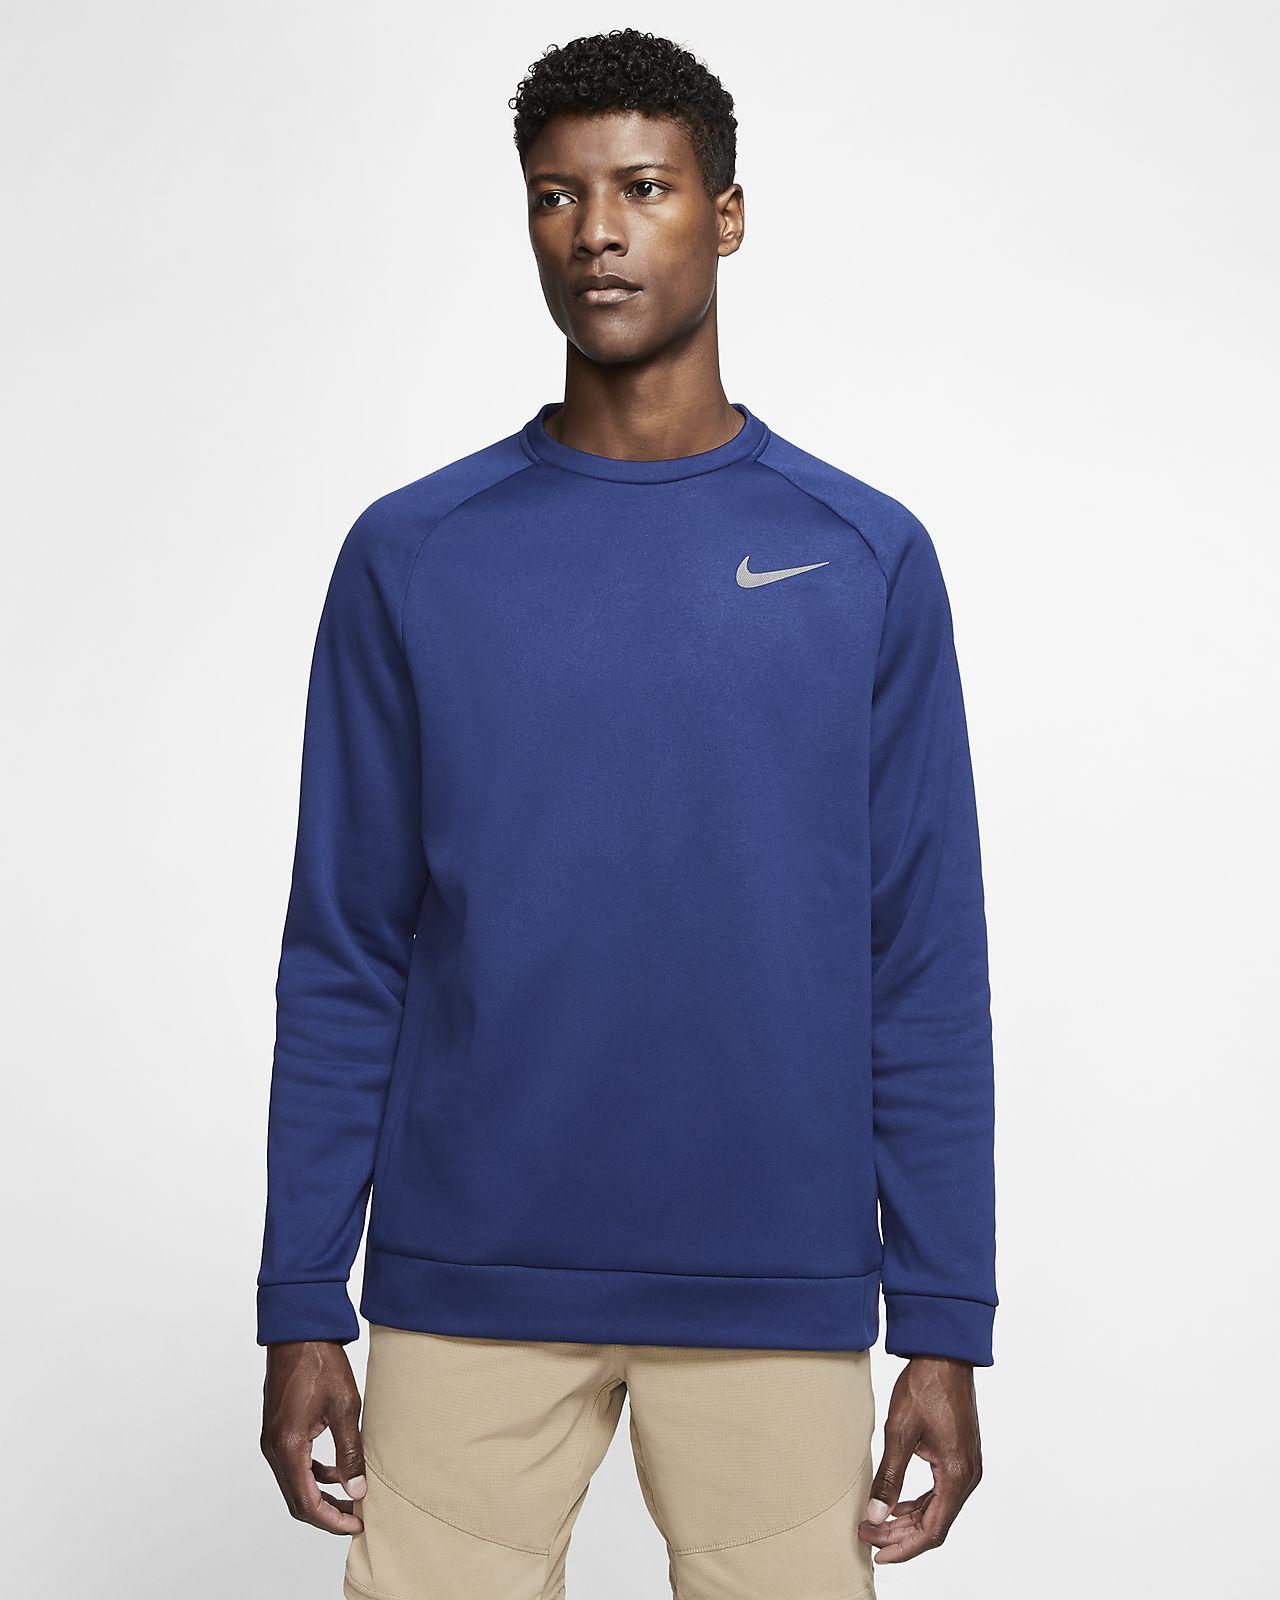 Nike Therma-træningsoverdel til mænd